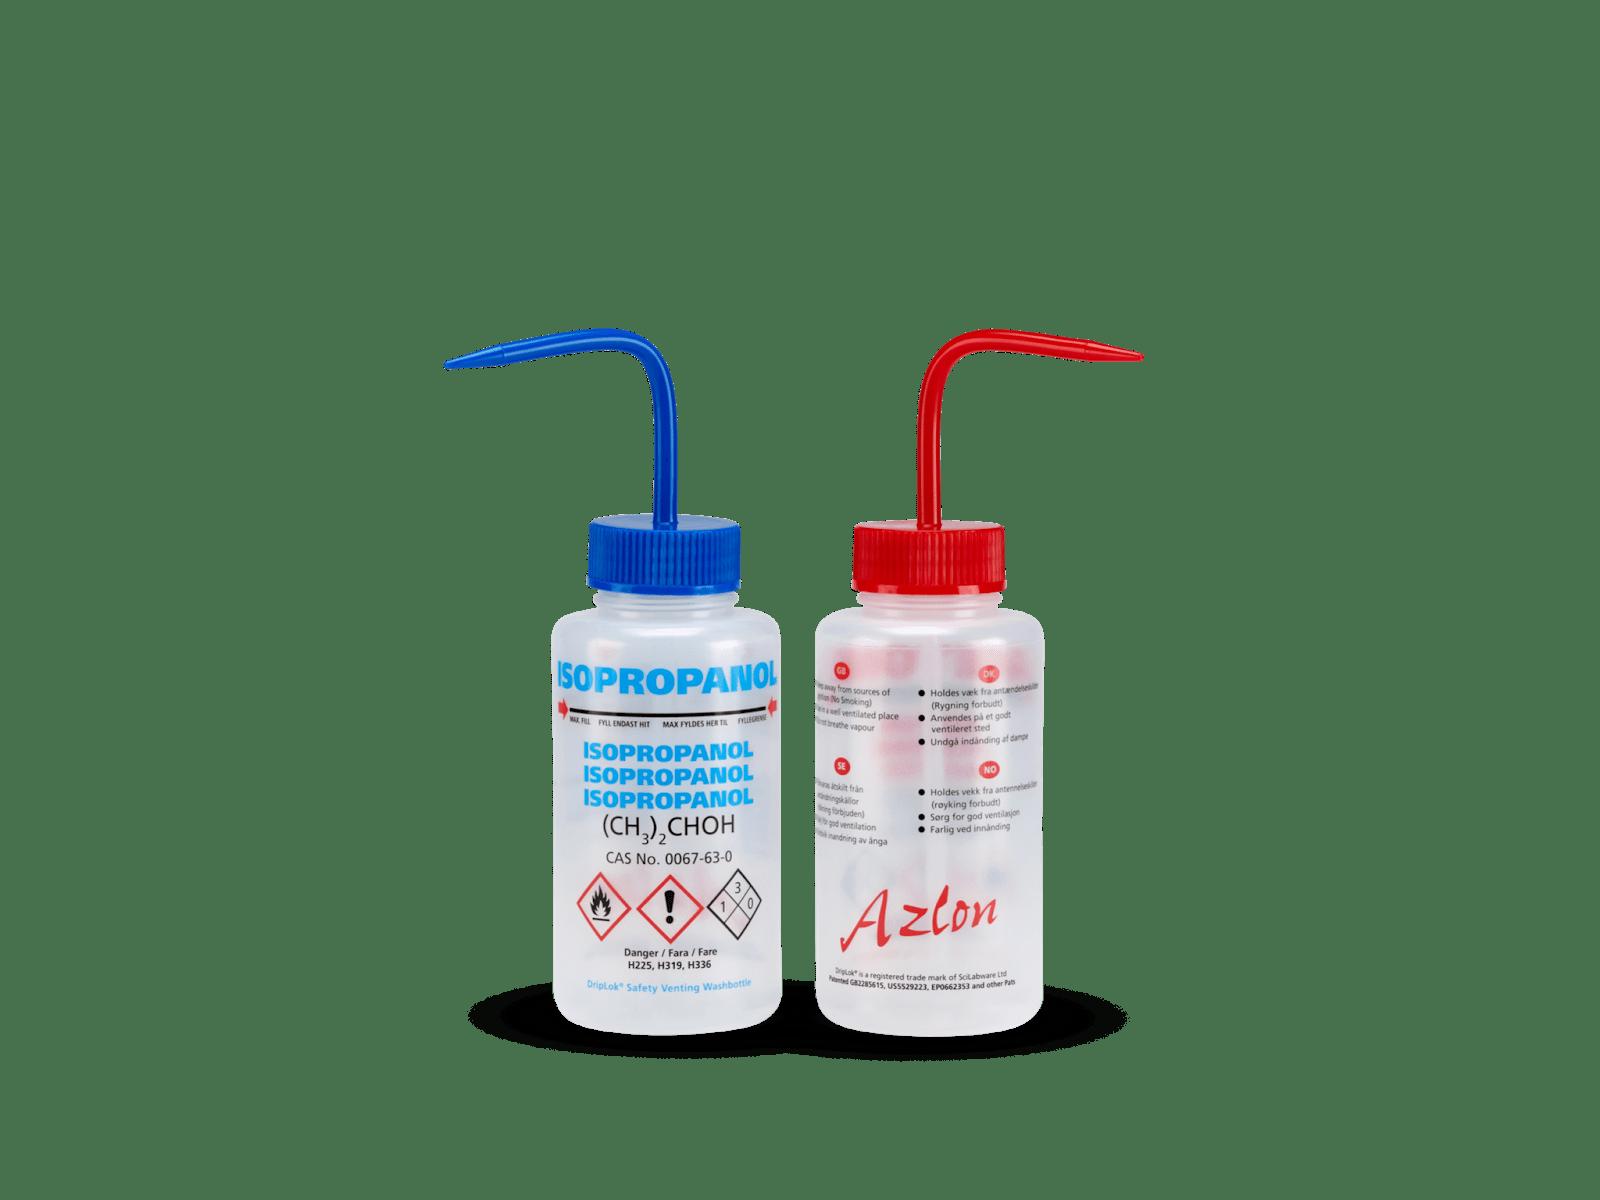 Safety Venting Wash Bottles